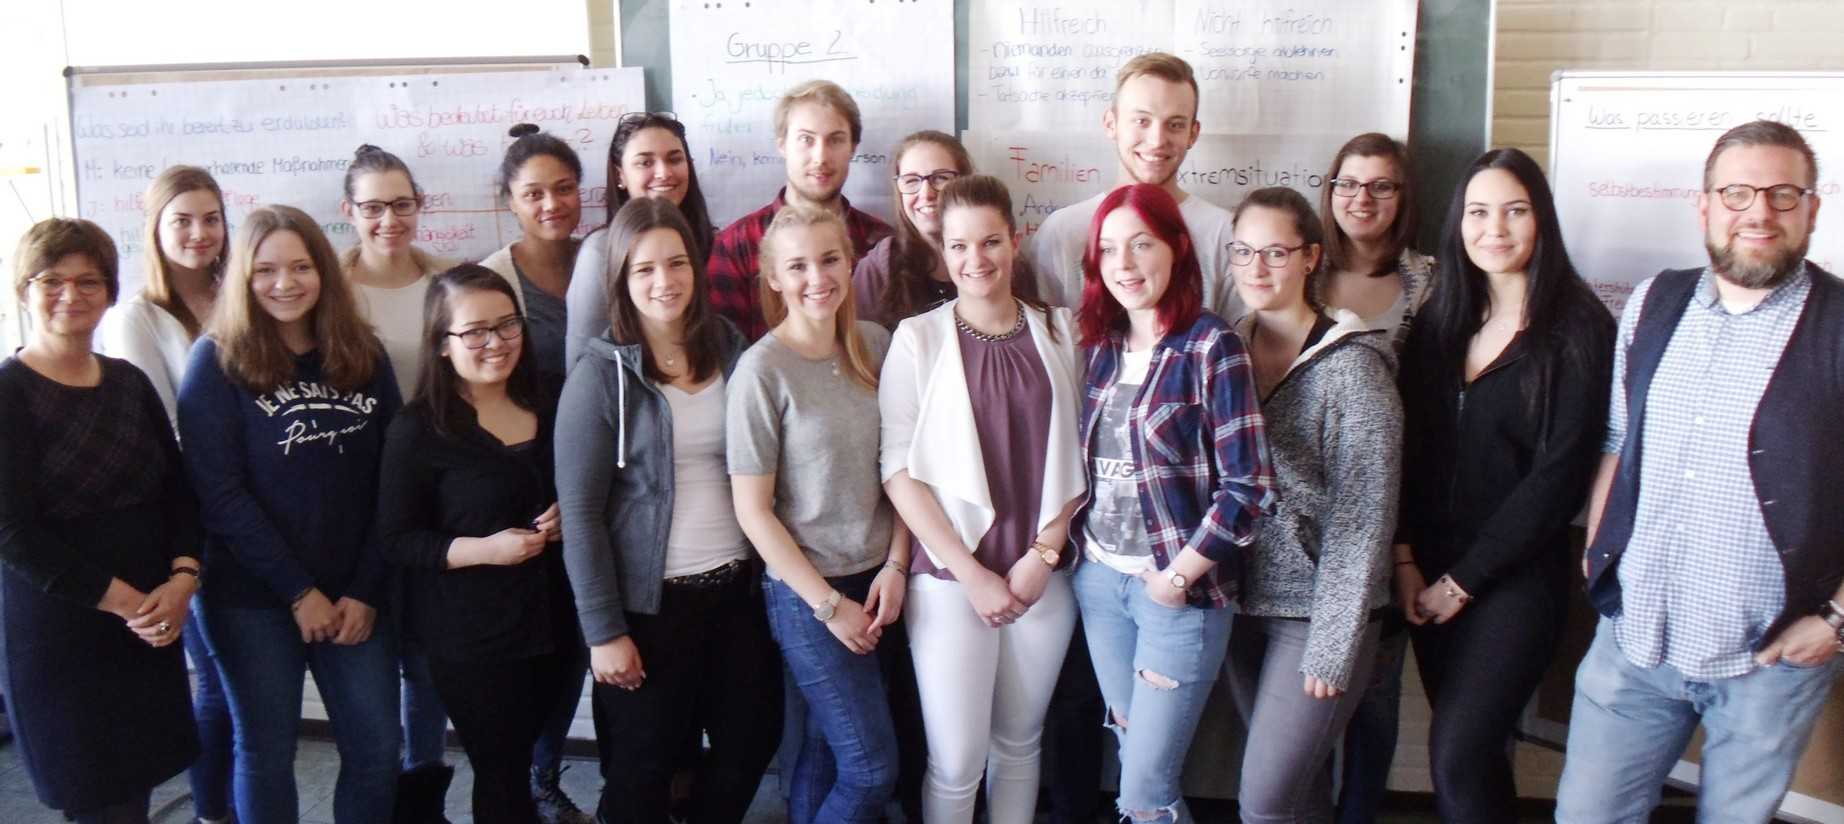 Projekttage Hospiz in den Klassen 12 der Fachoberschule Sozial- und Gesundheitswesen